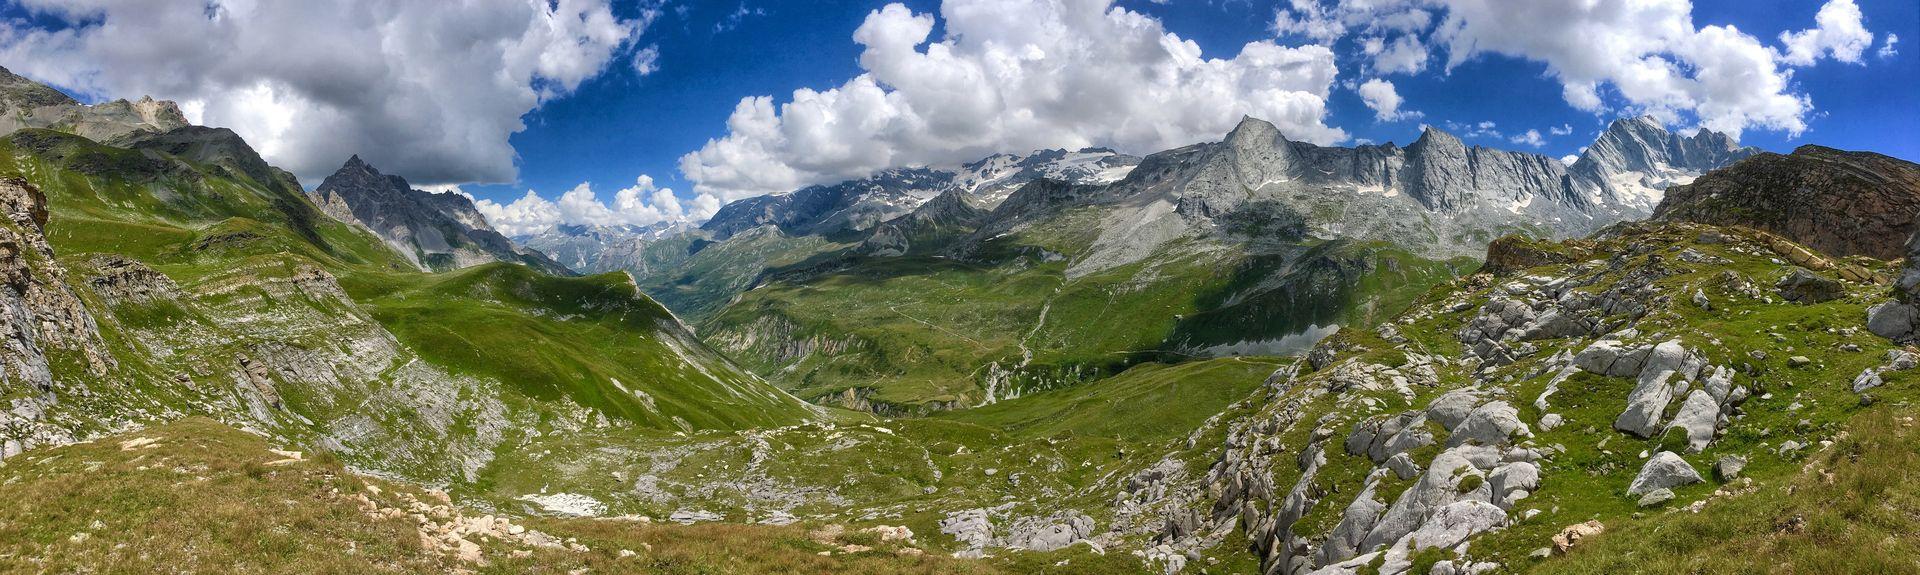 Pralognan-la-Vanoise, Savoie (département), France